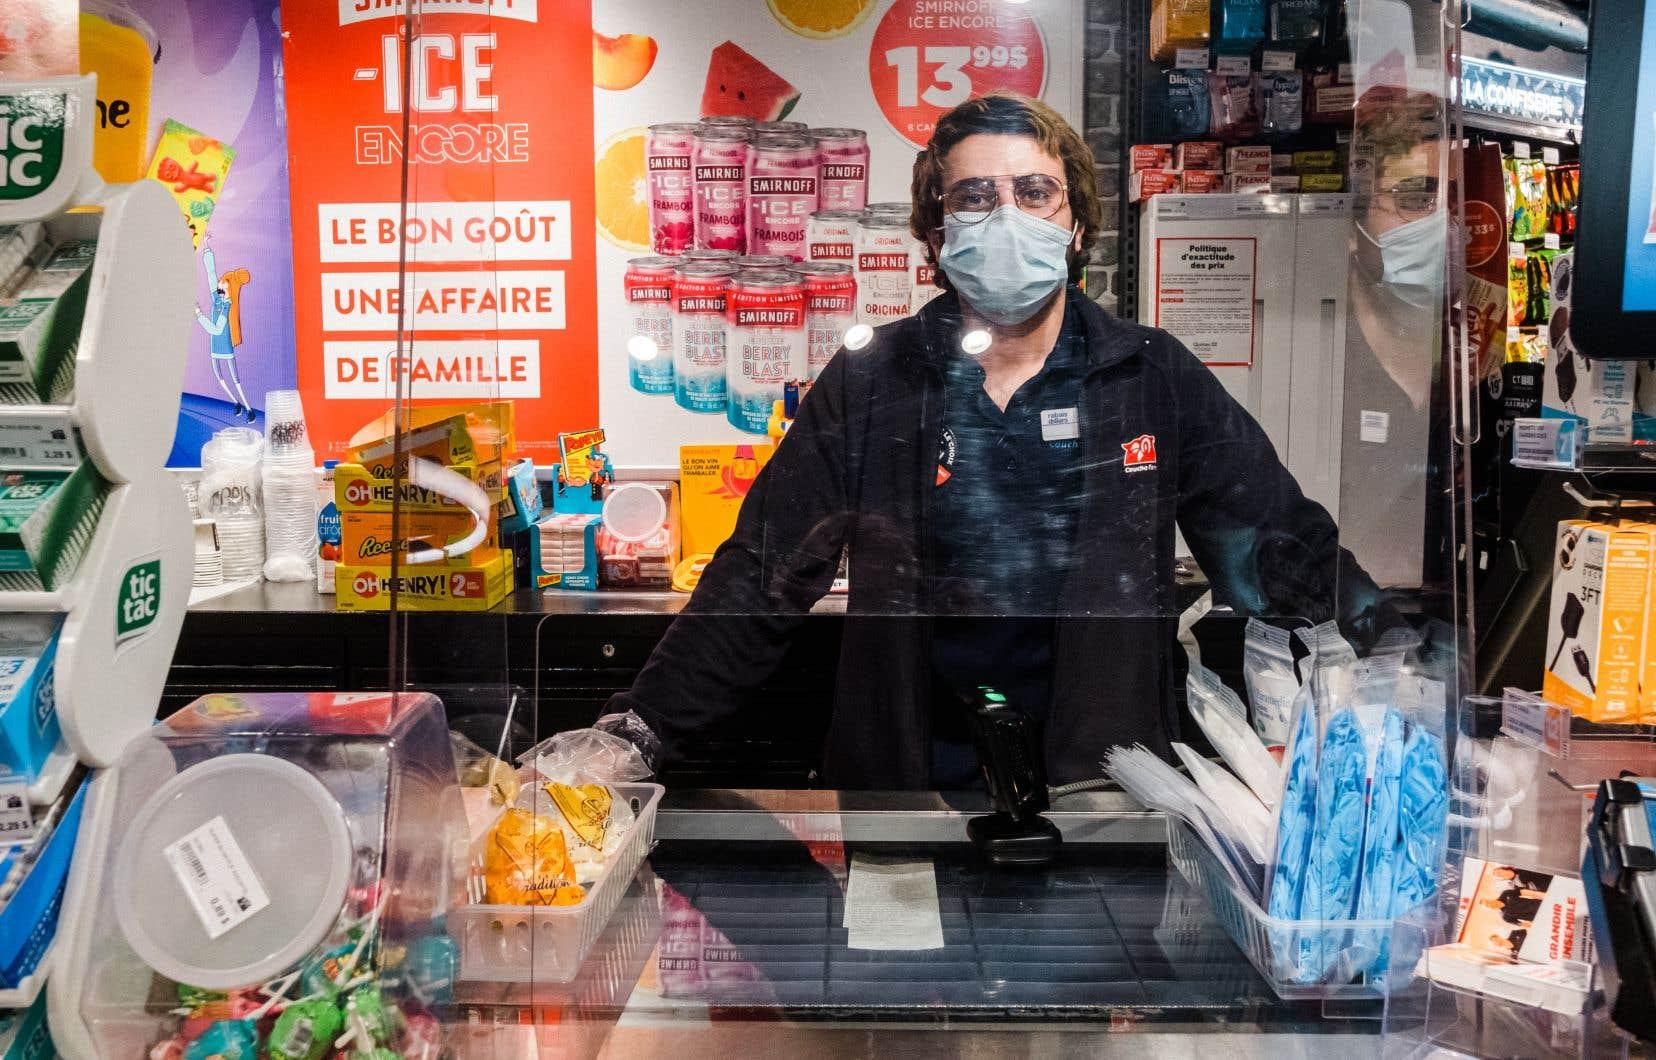 Le Programme québécois incitatif pour la rétention des travailleurs essentiels (PIRTE) offrait une prime imposable de 100$ par semaine aux travailleurs essentiels qui gagnent 550$ ou moins par semaine.